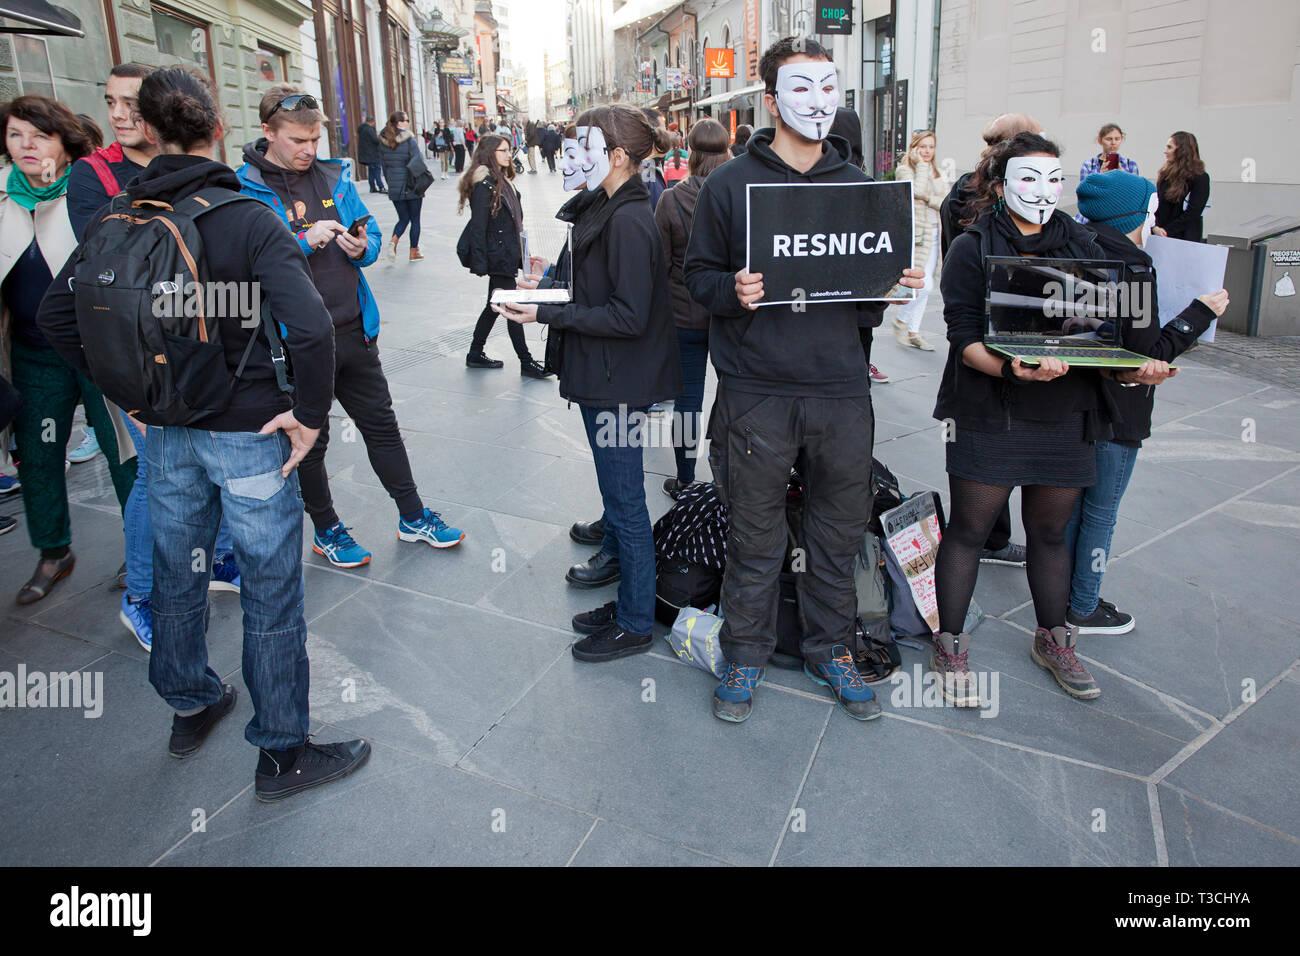 """""""Resnica' o 'la verdad' - Un protestando por el impacto de la agricultura industrial moderna, en la cría de animales Imagen De Stock"""